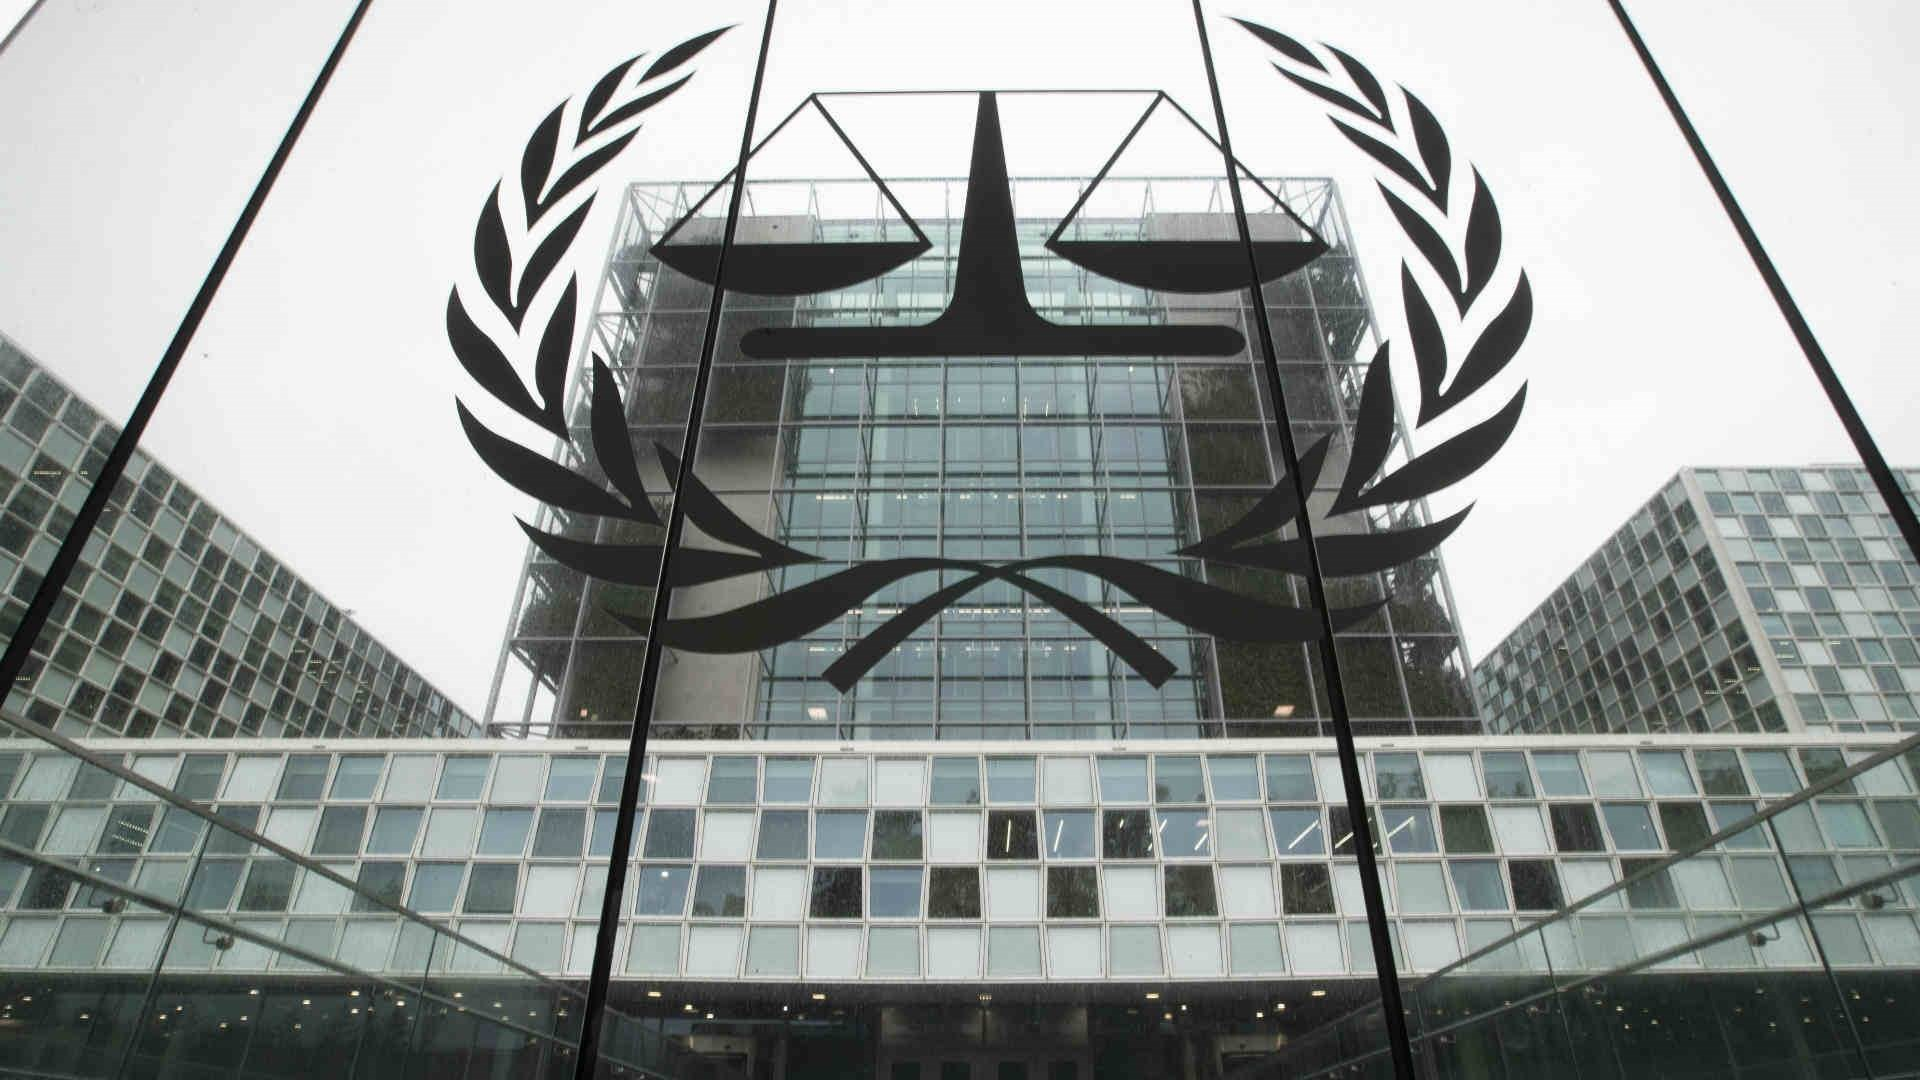 من دفع هولندا إلى طرحِ محاسبة مسؤولين سوريين.. وهل القرار بطلب أميركي؟